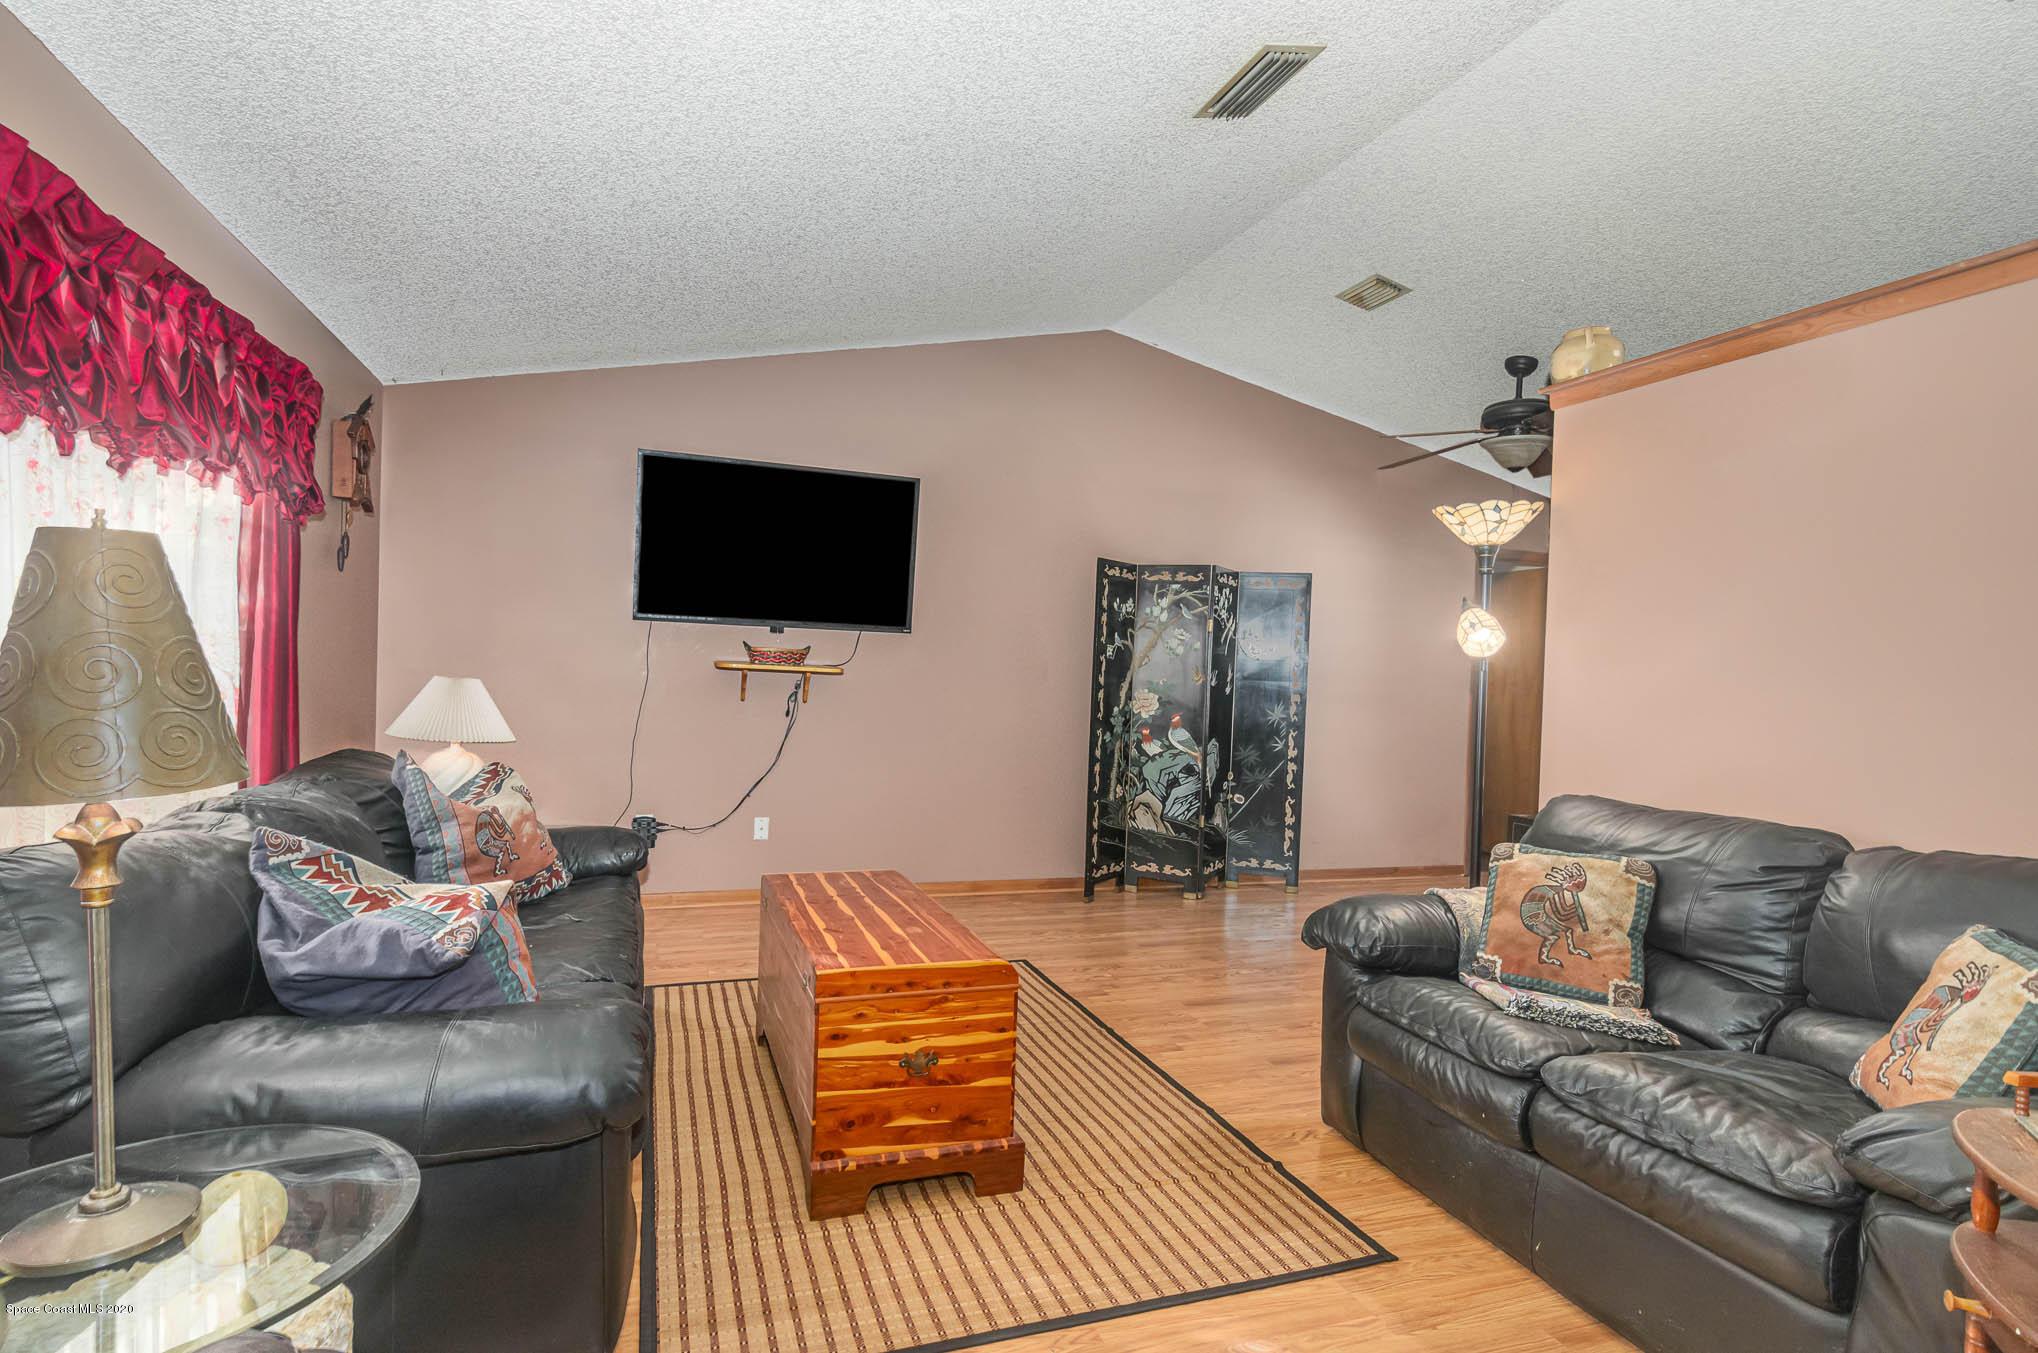 Image 3 For 6430 Addax Avenue